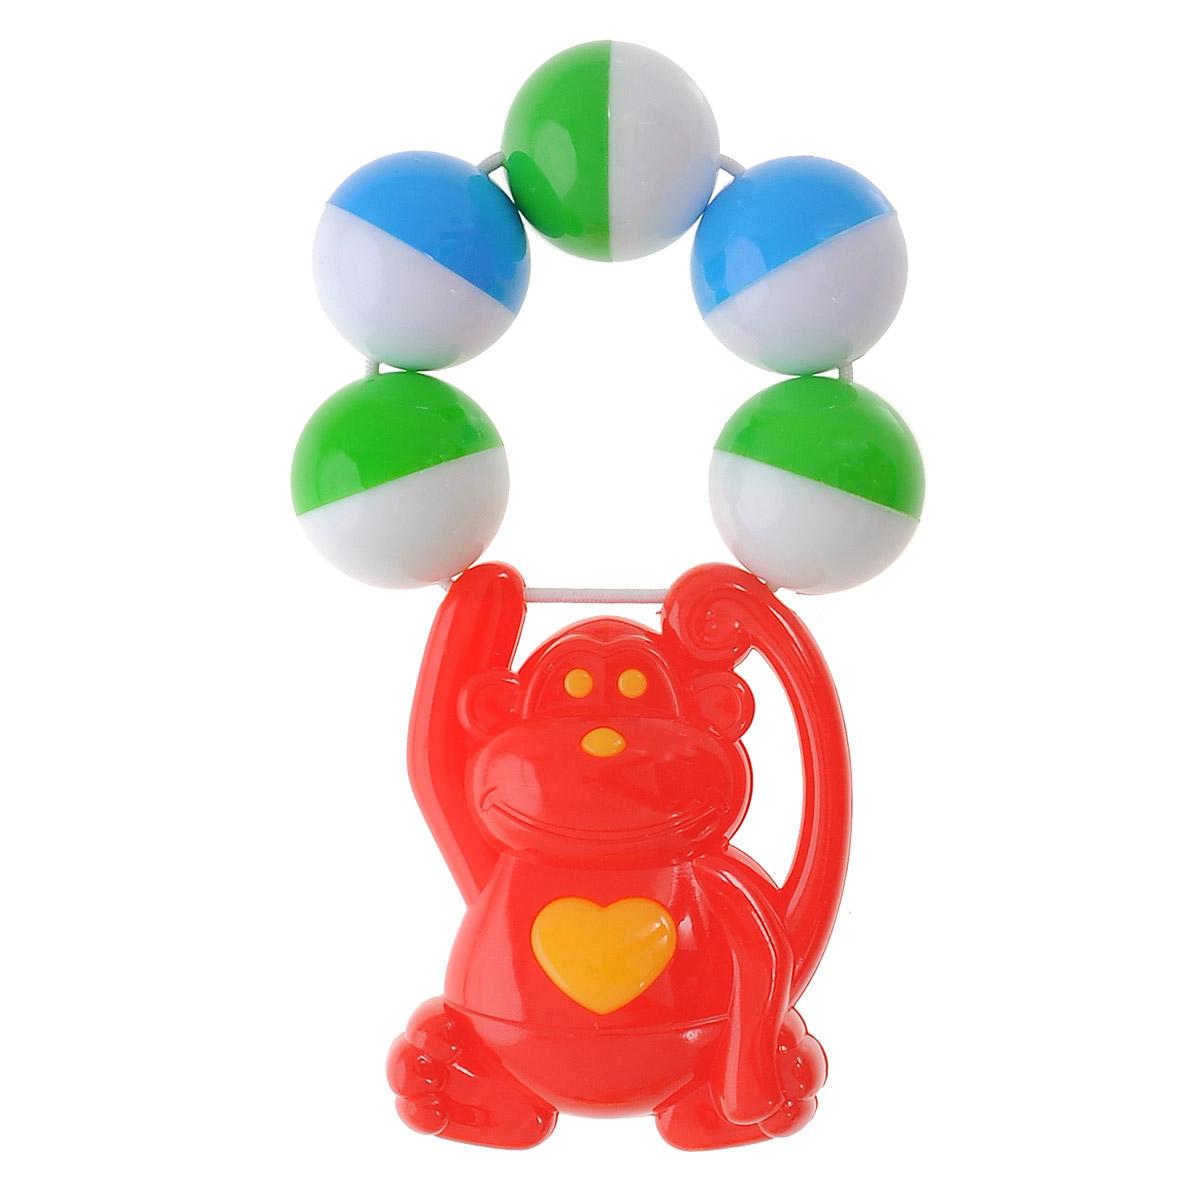 Stellar Погремушка Обезьяна цвет красный01539_обезьяна, красныйЯркая погремушка Обезьяна не оставит вашего малыша равнодушным и не позволит ему скучать! Игрушка представляет собой забавную обезьянку, держащуюся за связку разноцветных шариков, выполняющих роль погремушки. Удобная форма ручки погремушки позволит малышу с легкостью взять и держать ее. Яркие цвета направлены на развитие мыслительной деятельности, цветовосприятия, тактильных ощущений и мелкой моторики рук ребенка, а элемент погремушки способствует развитию слуха.